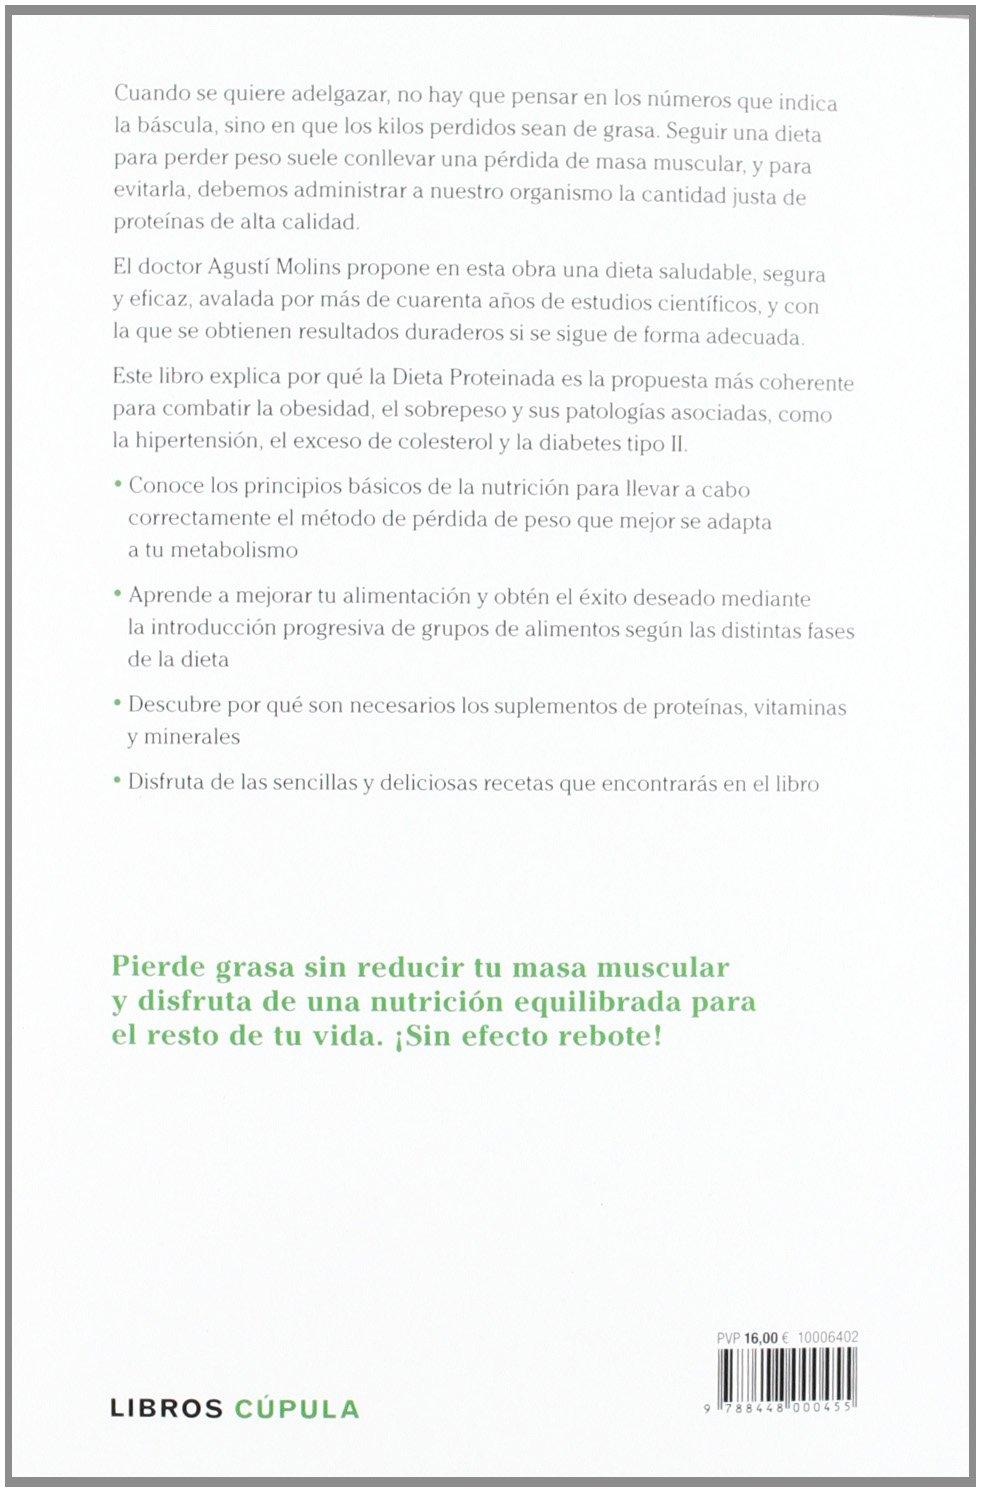 La Dieta Proteinada: Agustí Molins Olmos: 9788448000455 ...